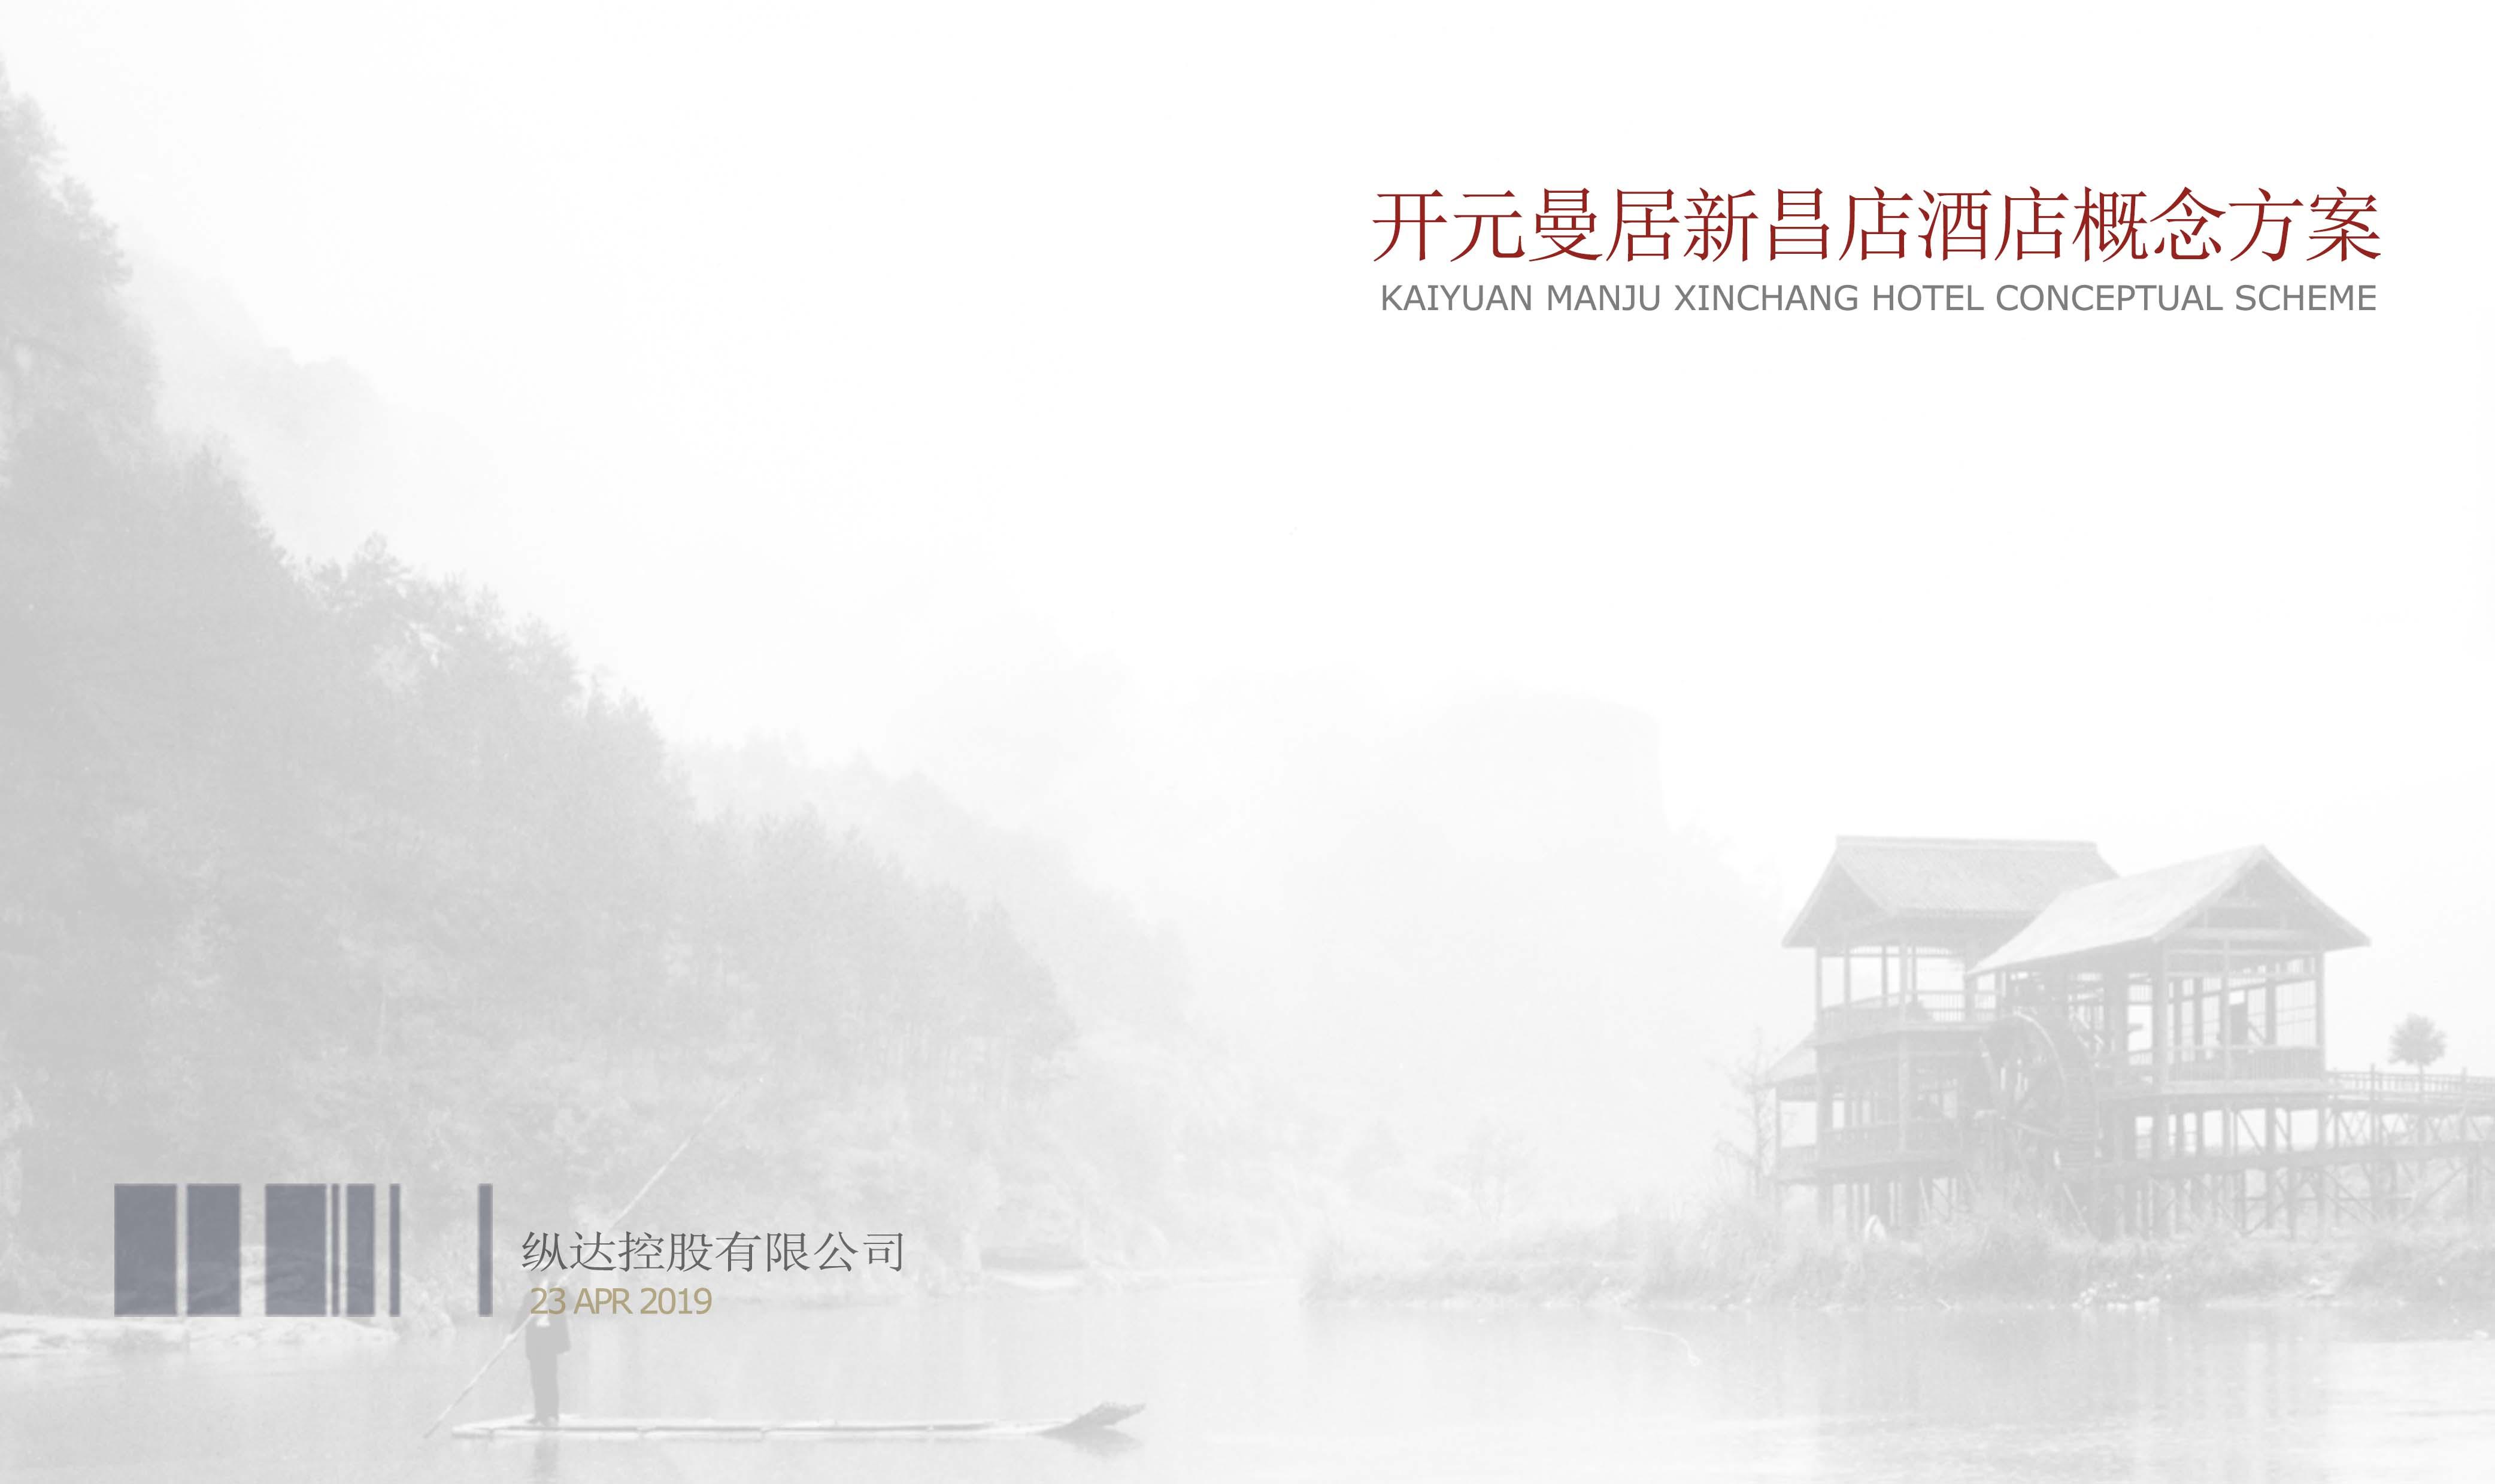 开元曼居新昌店(1)